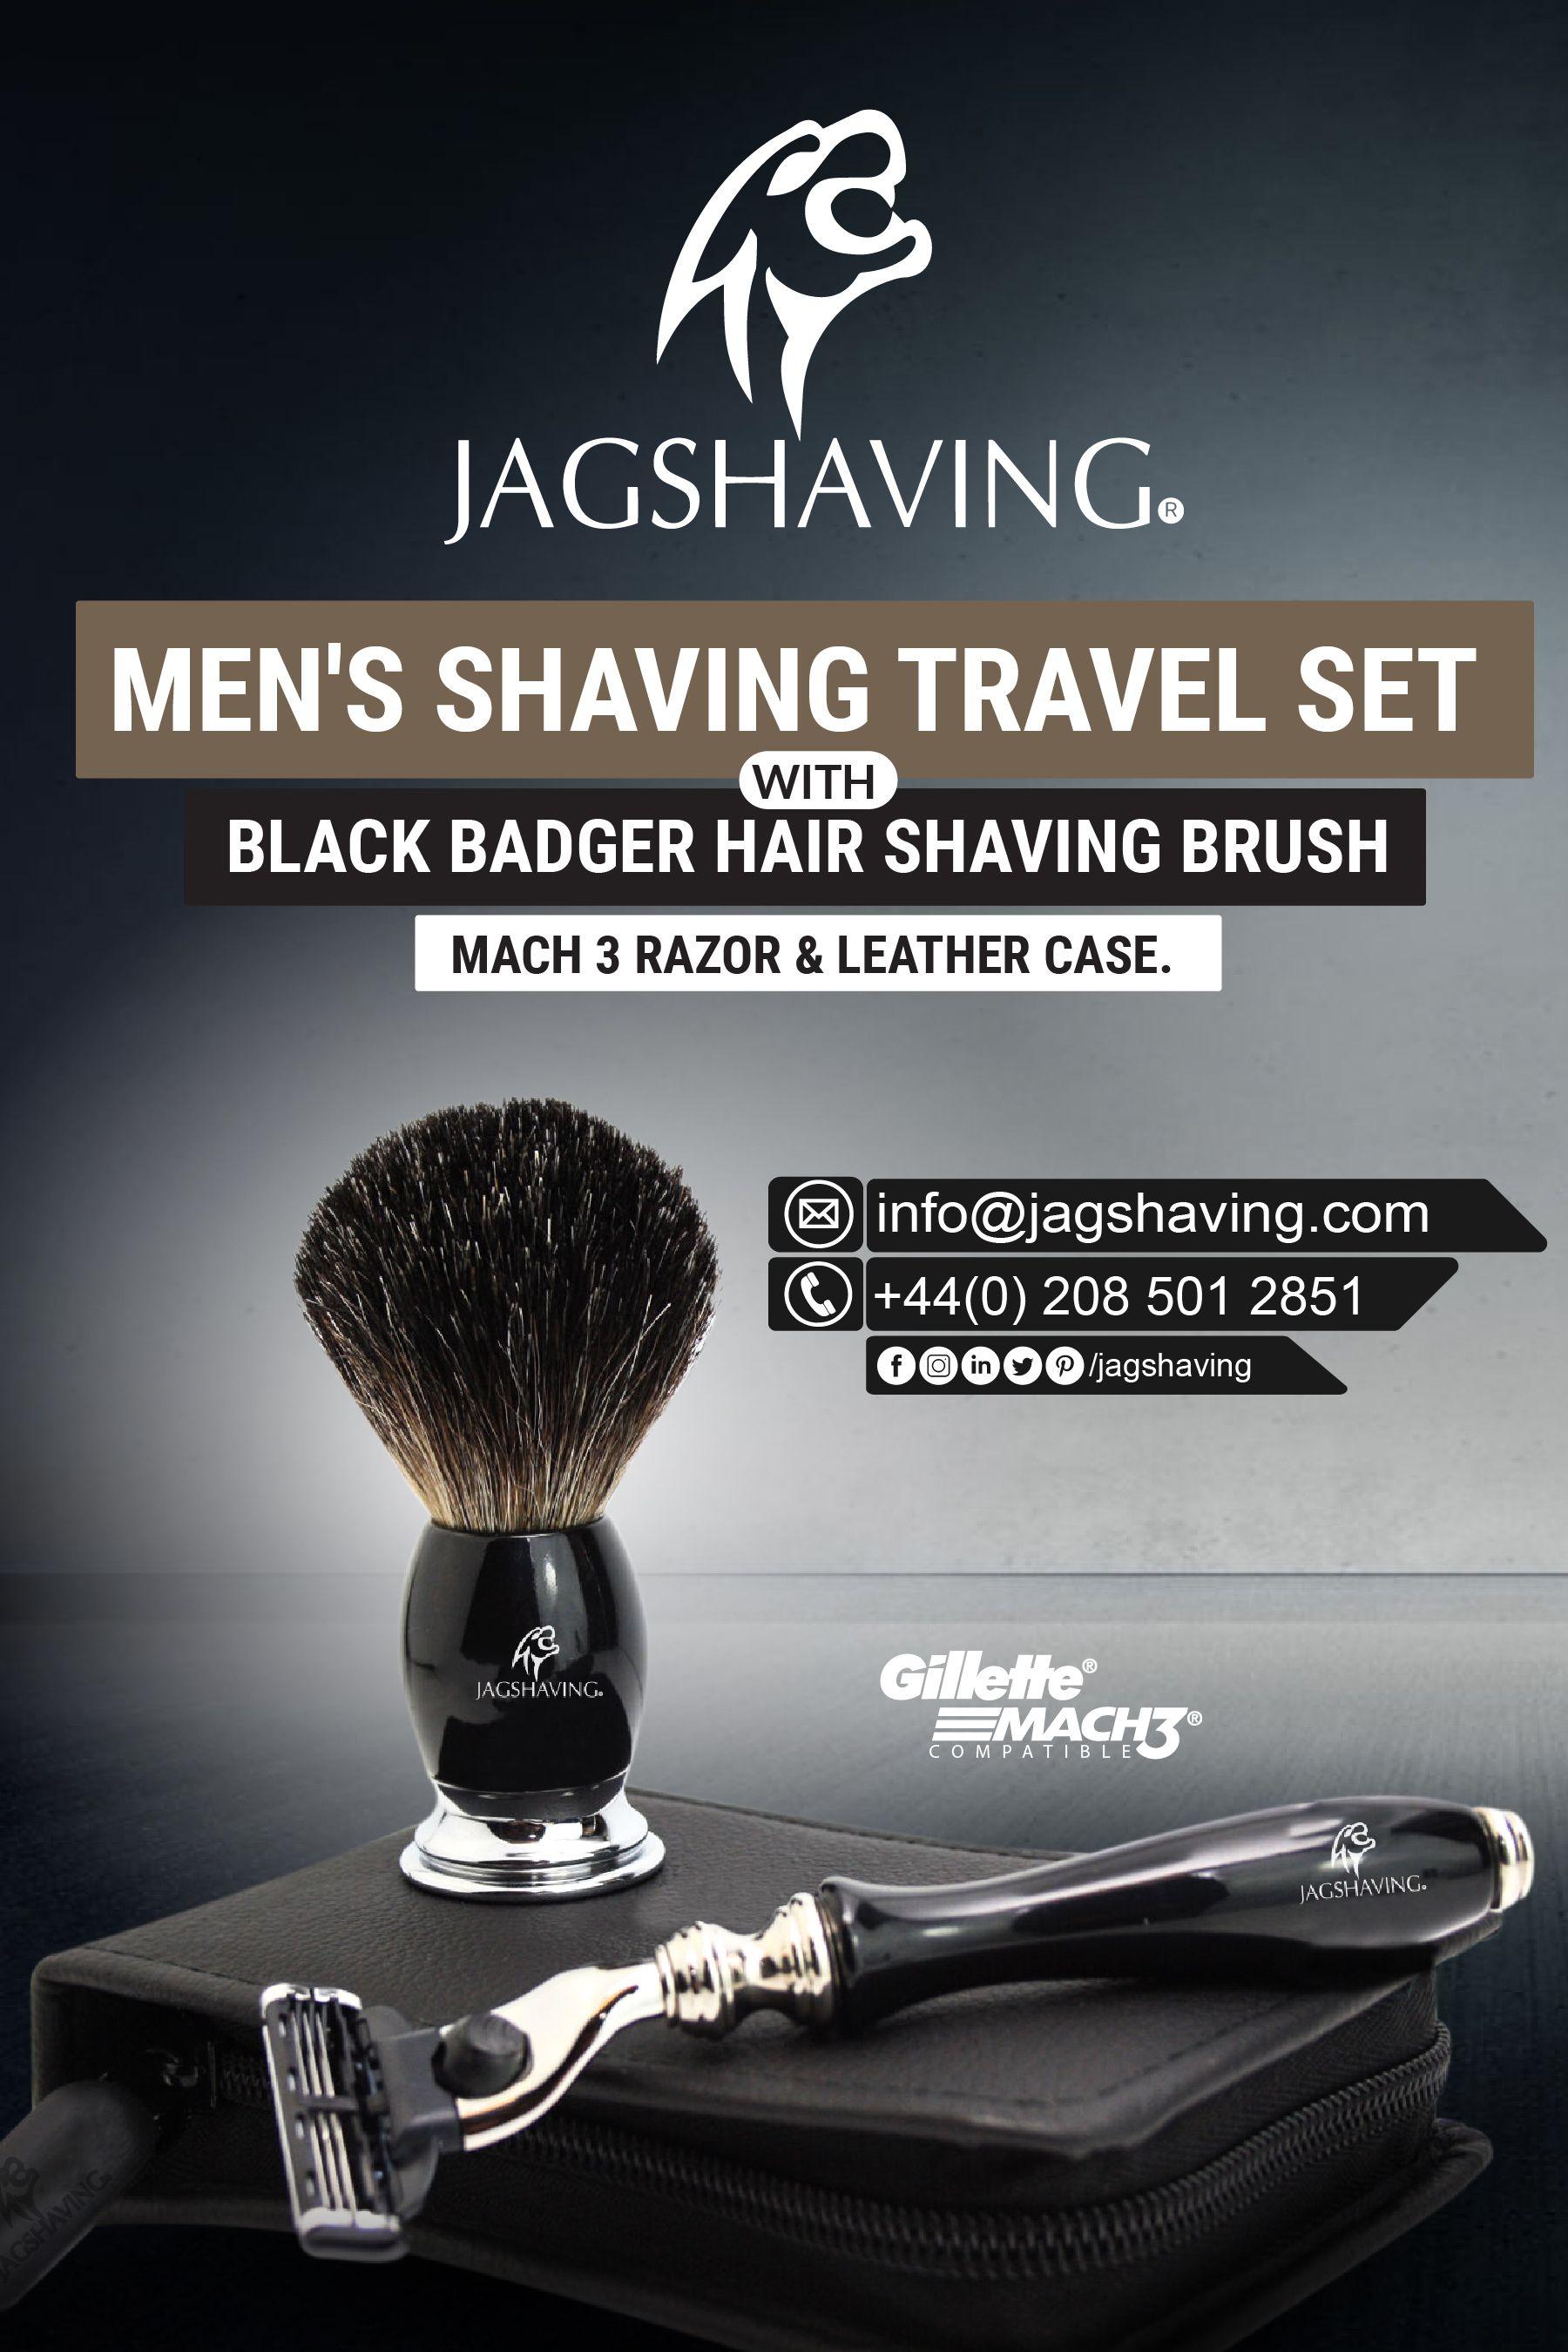 shaving_set shaving_kit men razor gillete shaving